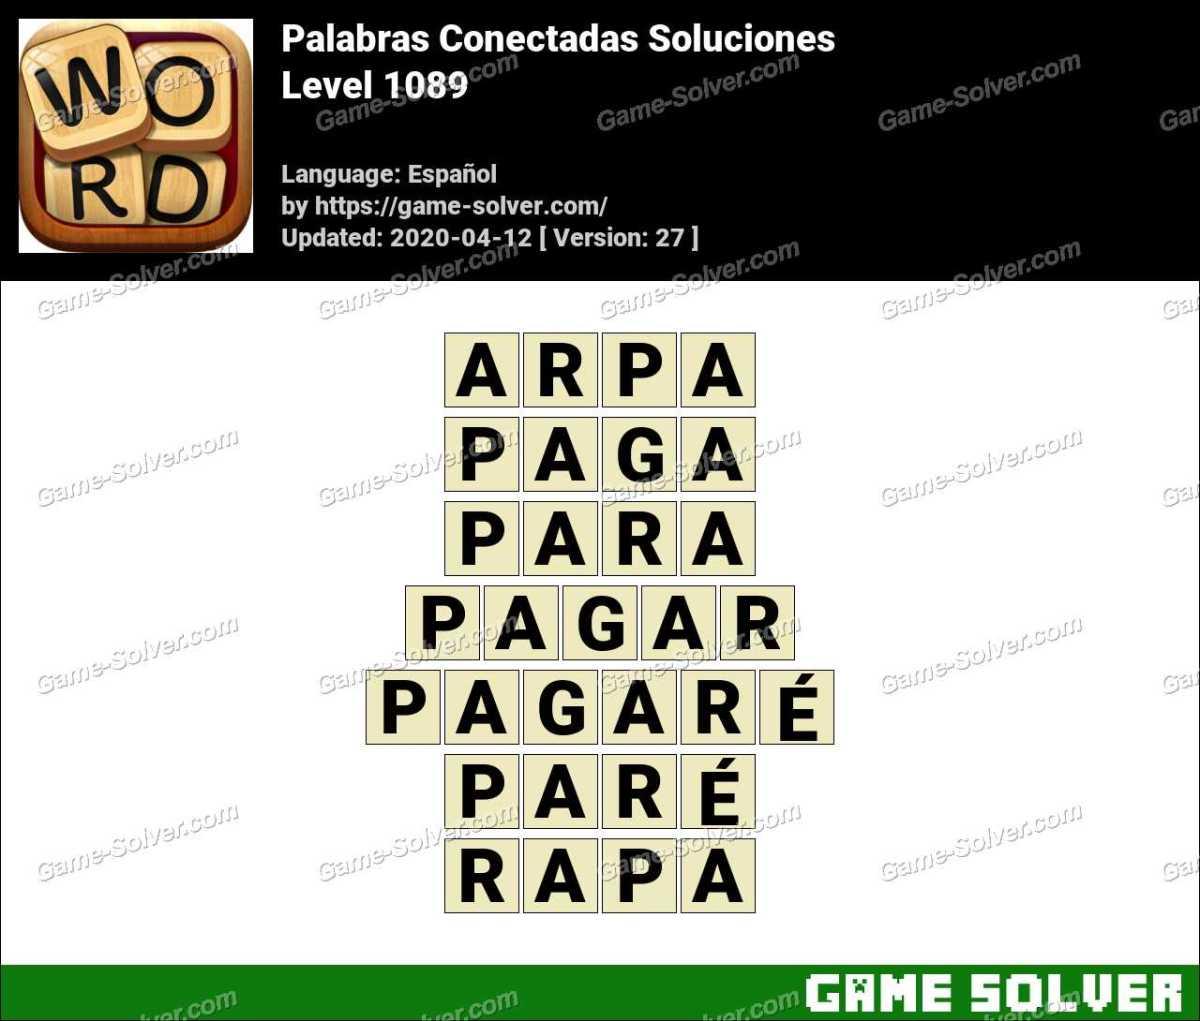 Palabras Conectadas Nivel 1089 Soluciones